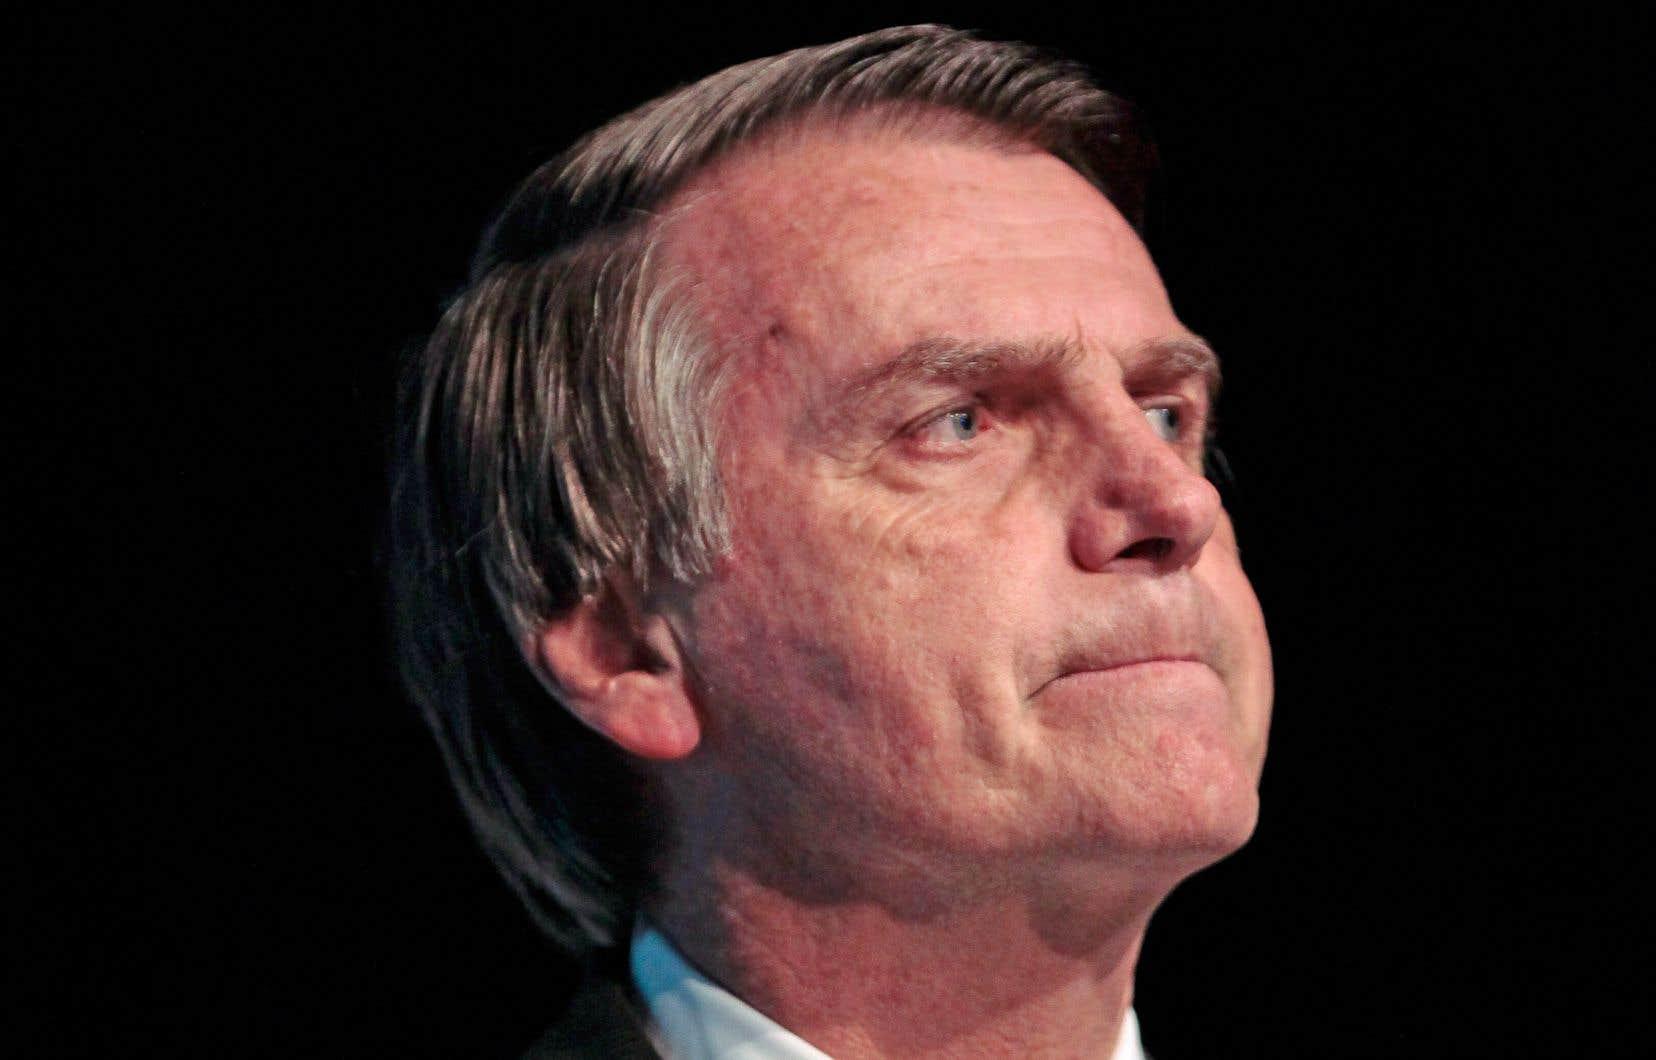 Malgré toutes les controverses, le député Jair Bolsonaro est en tête des intentions de vote pour le premier tour.